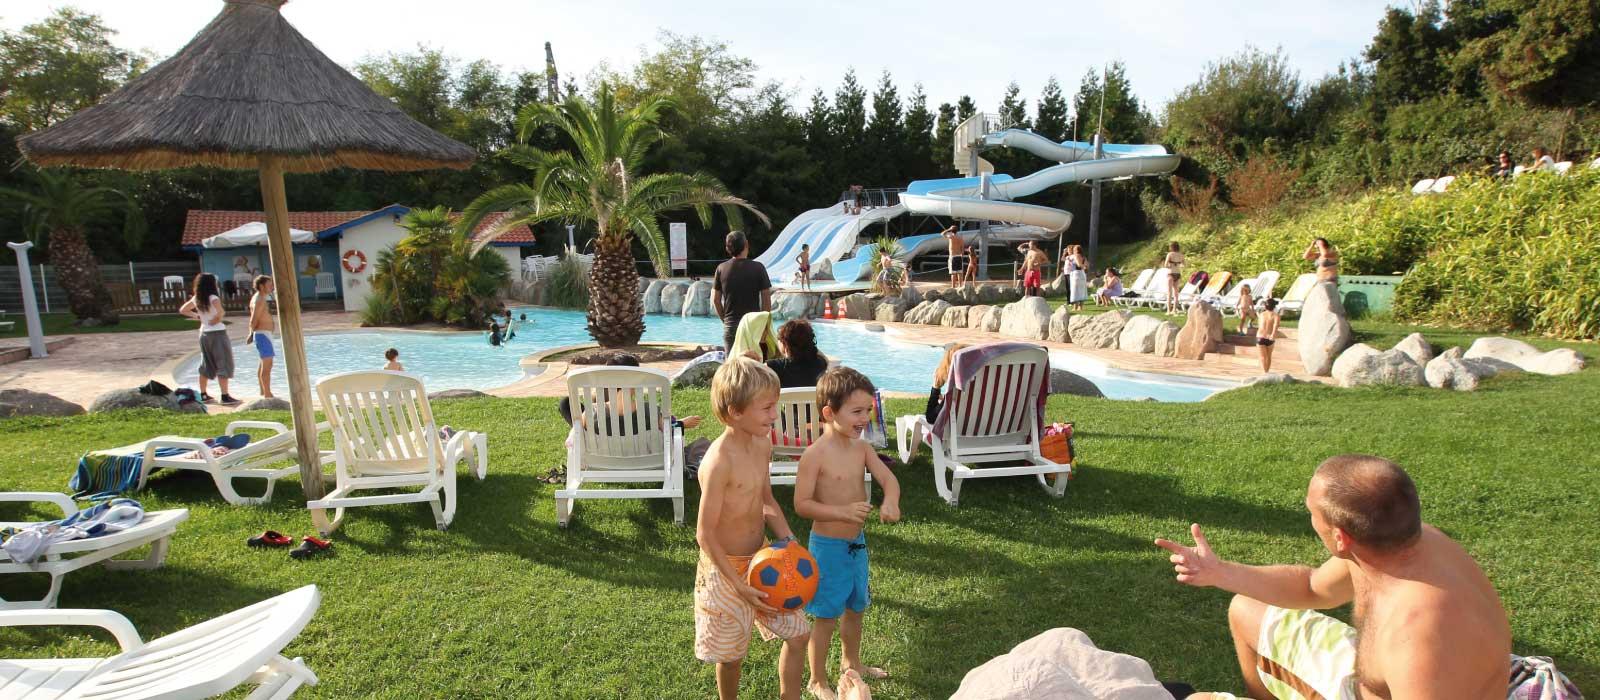 Le parc aquatique du camping Itsas Mendi à Saint Jean de Luz